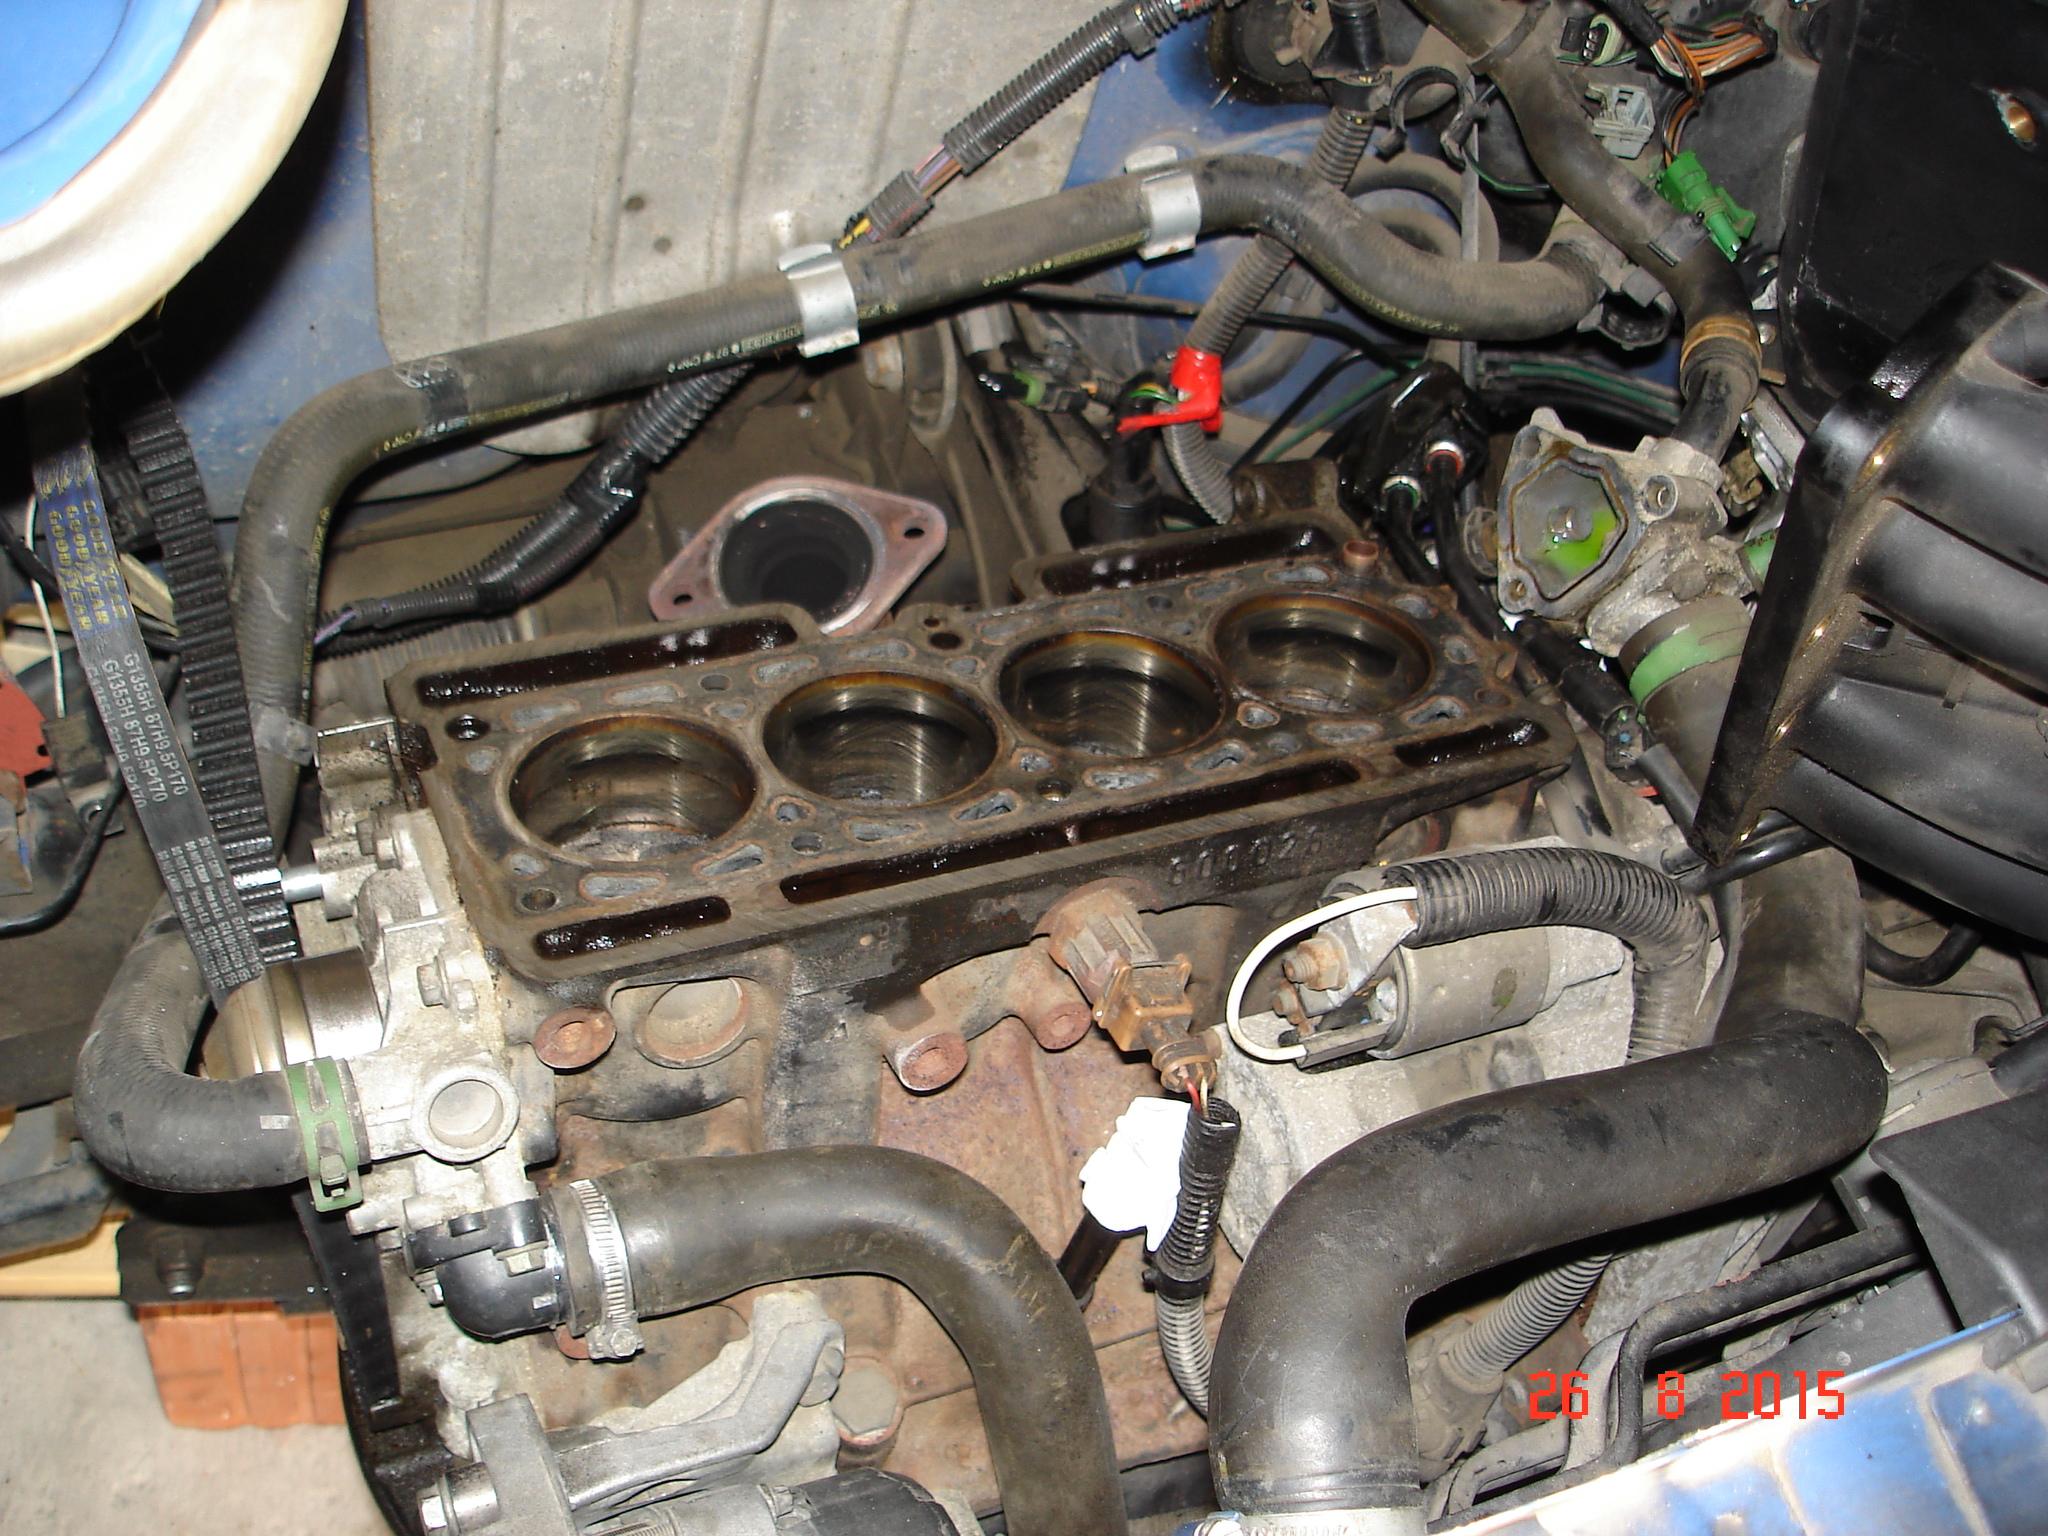 [résolu]Fuite d'huile moteur inquiétante. 5b5f51d72cb64